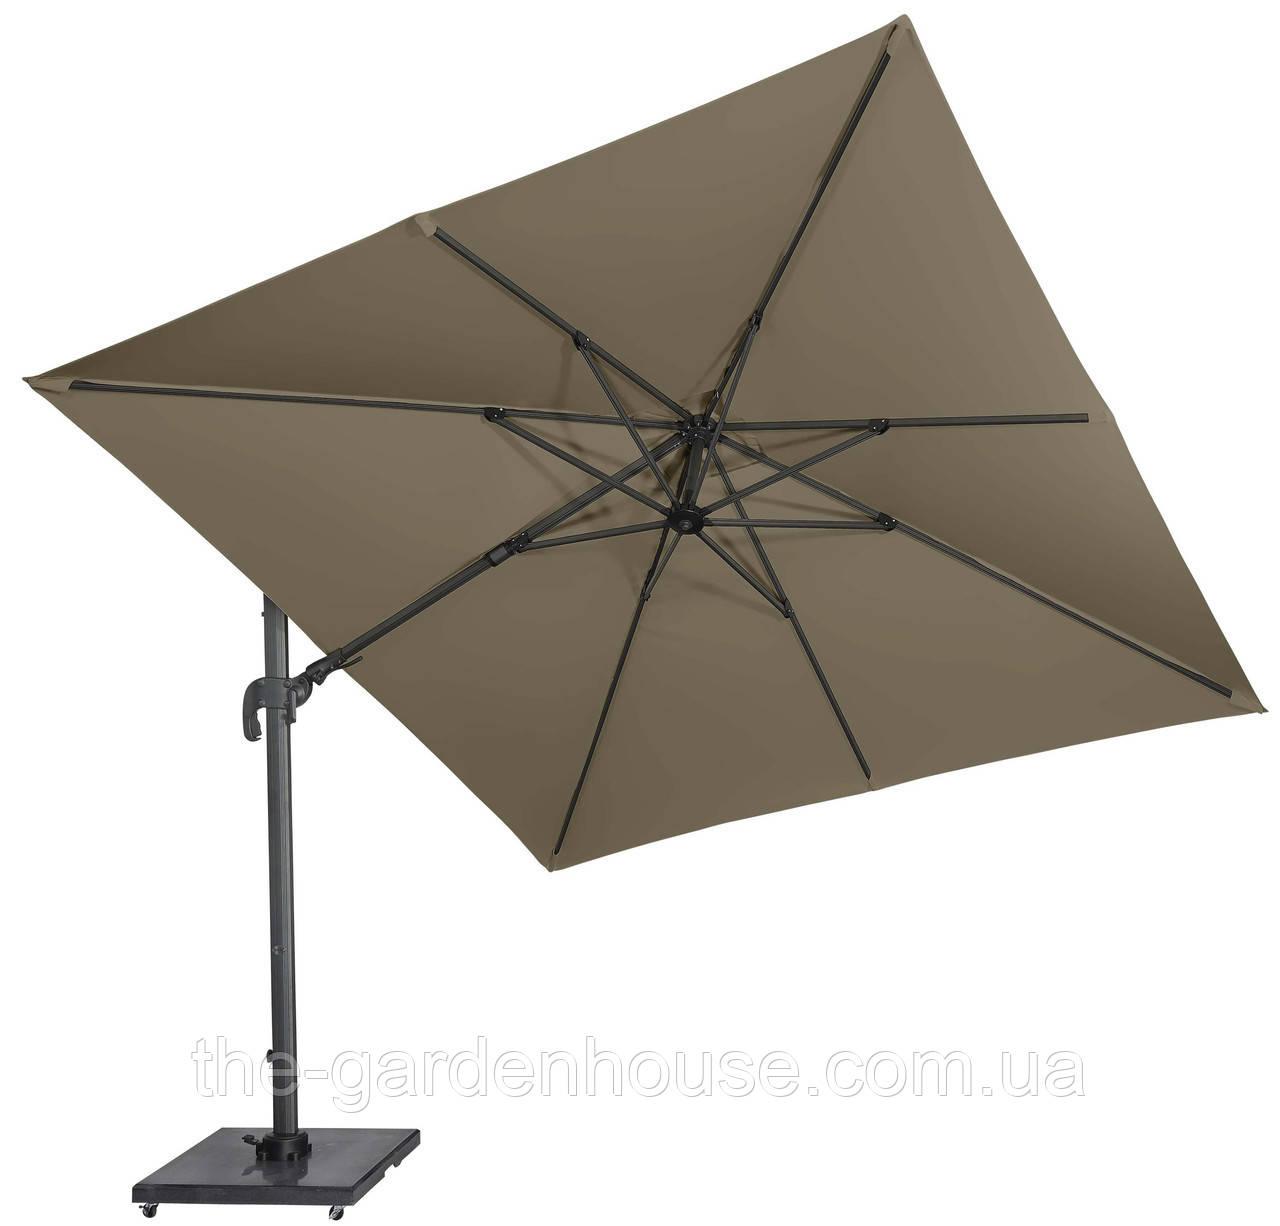 Садовый зонт с подсветкой Solarflex T2 3х3 м + подставка коричневый